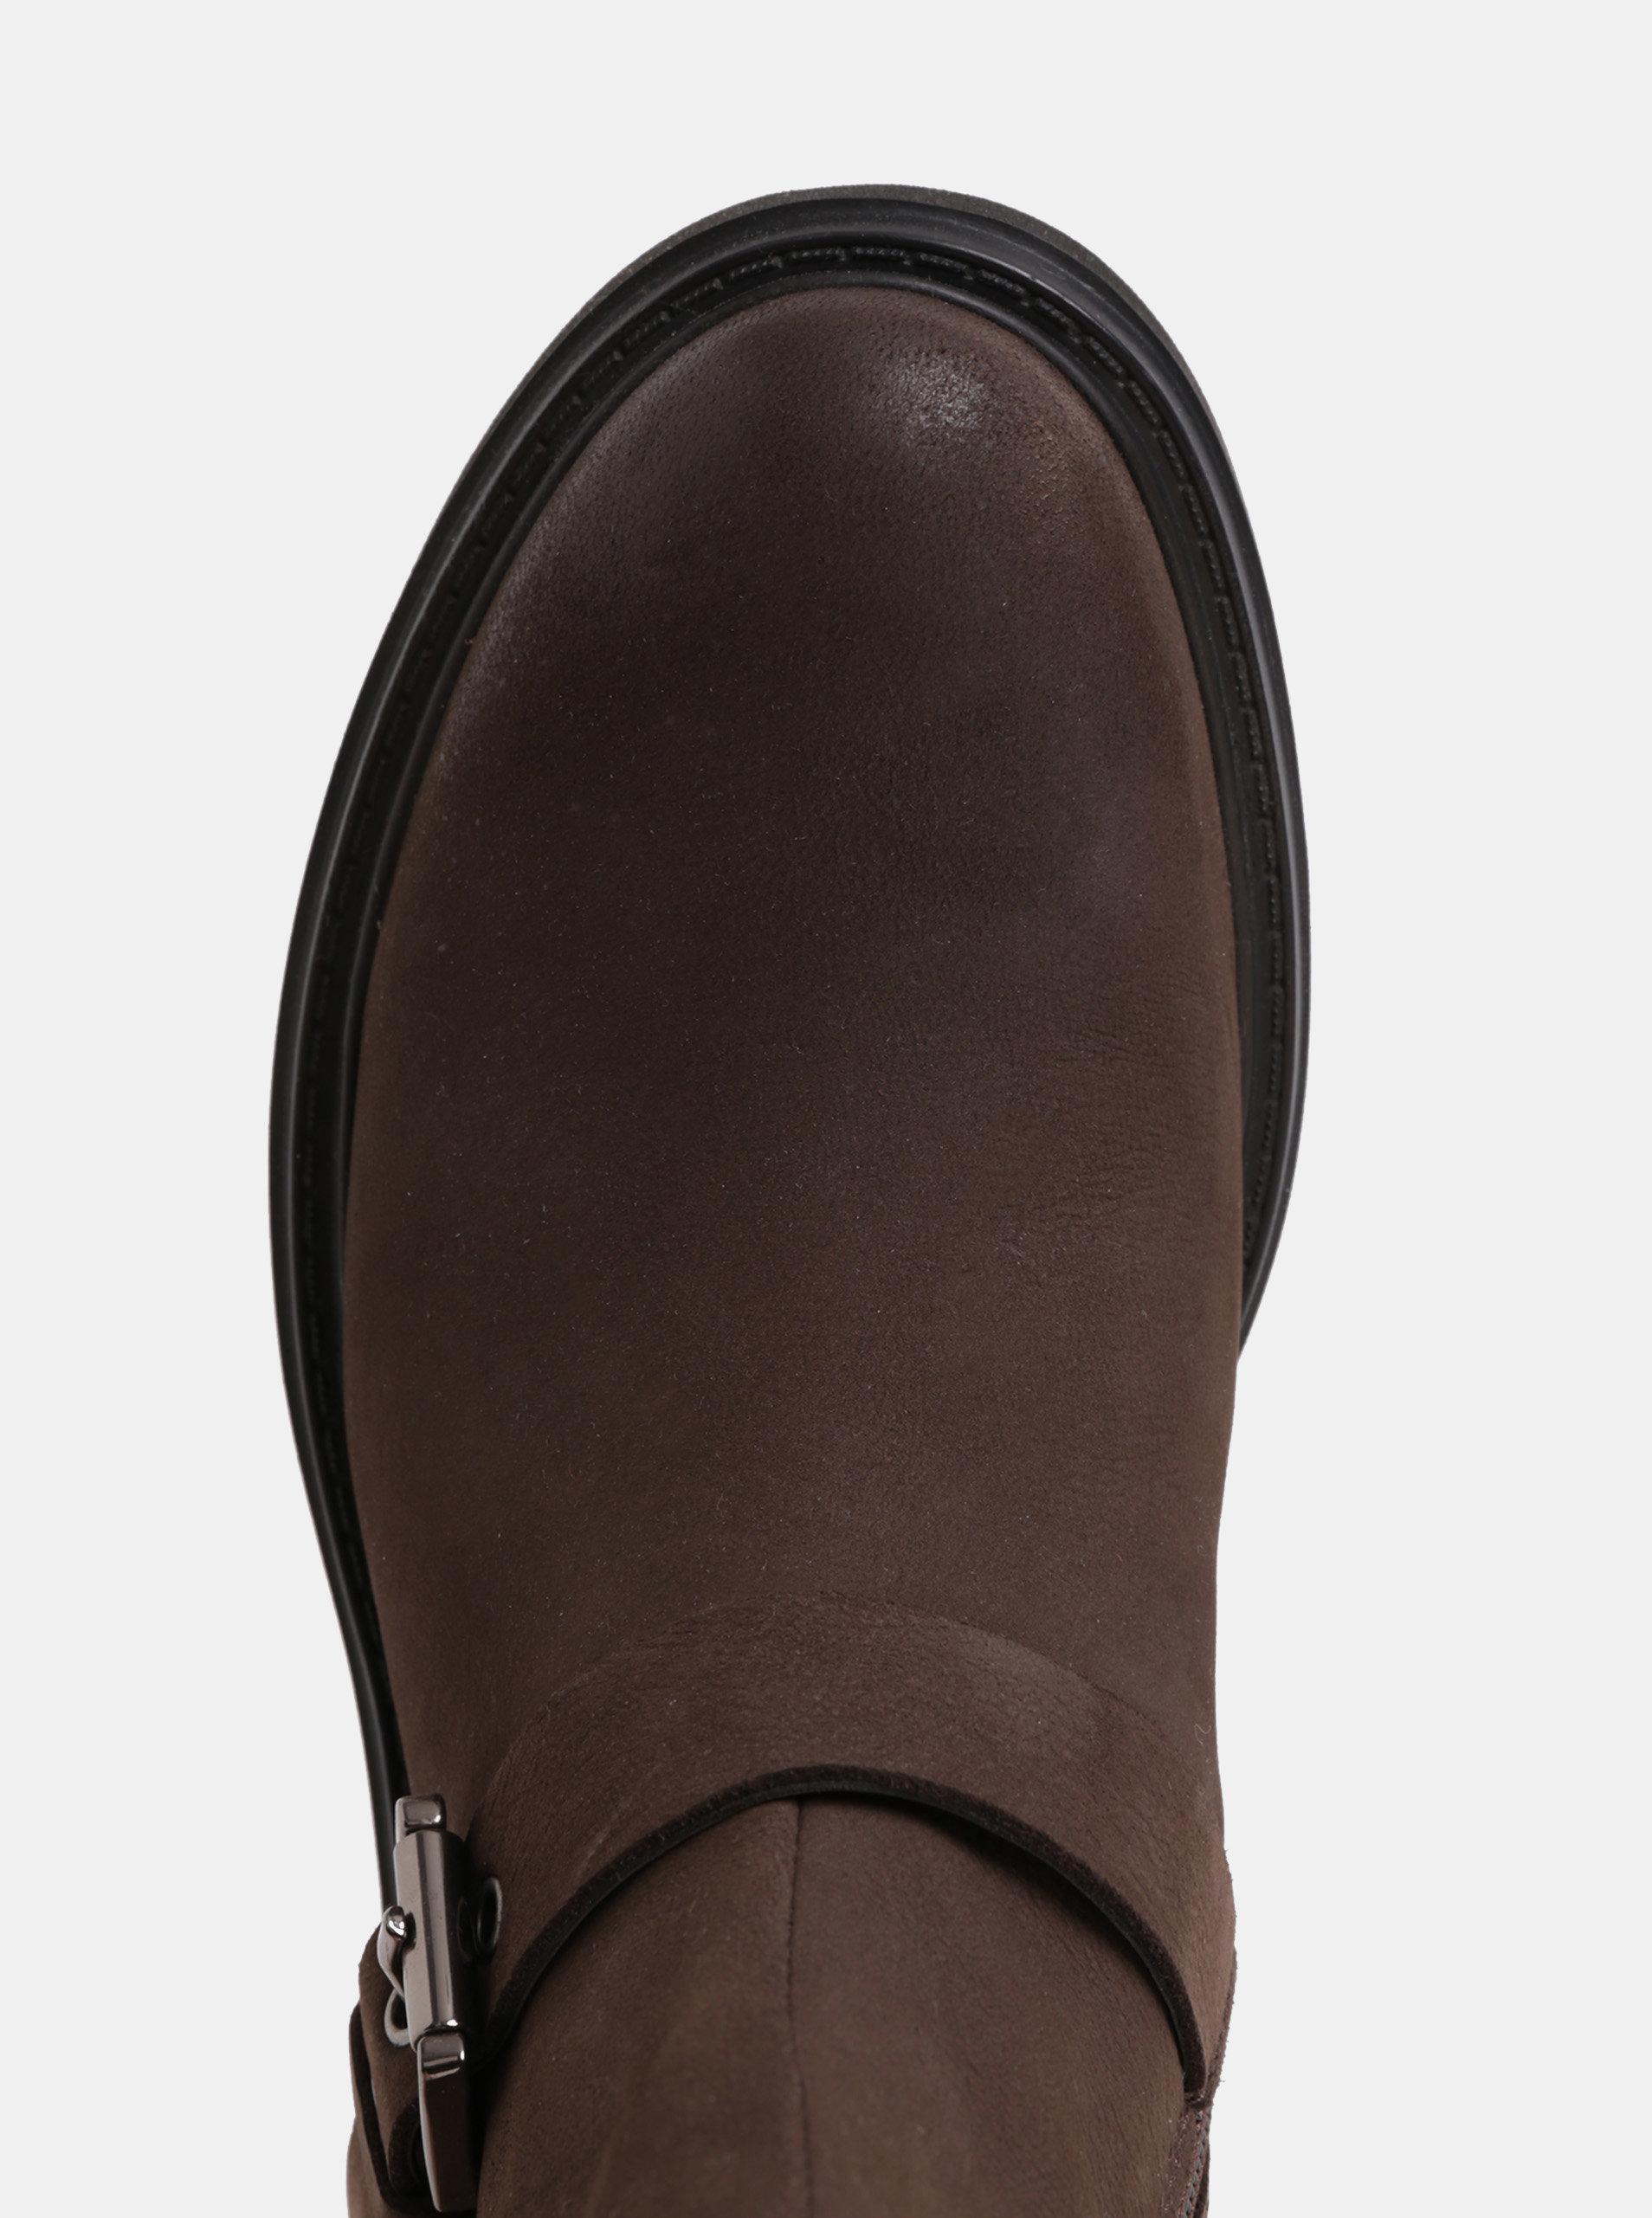 dd5d91d802 Hnedé dámske kožené členkové topánky s prackou Goex Asheely ...